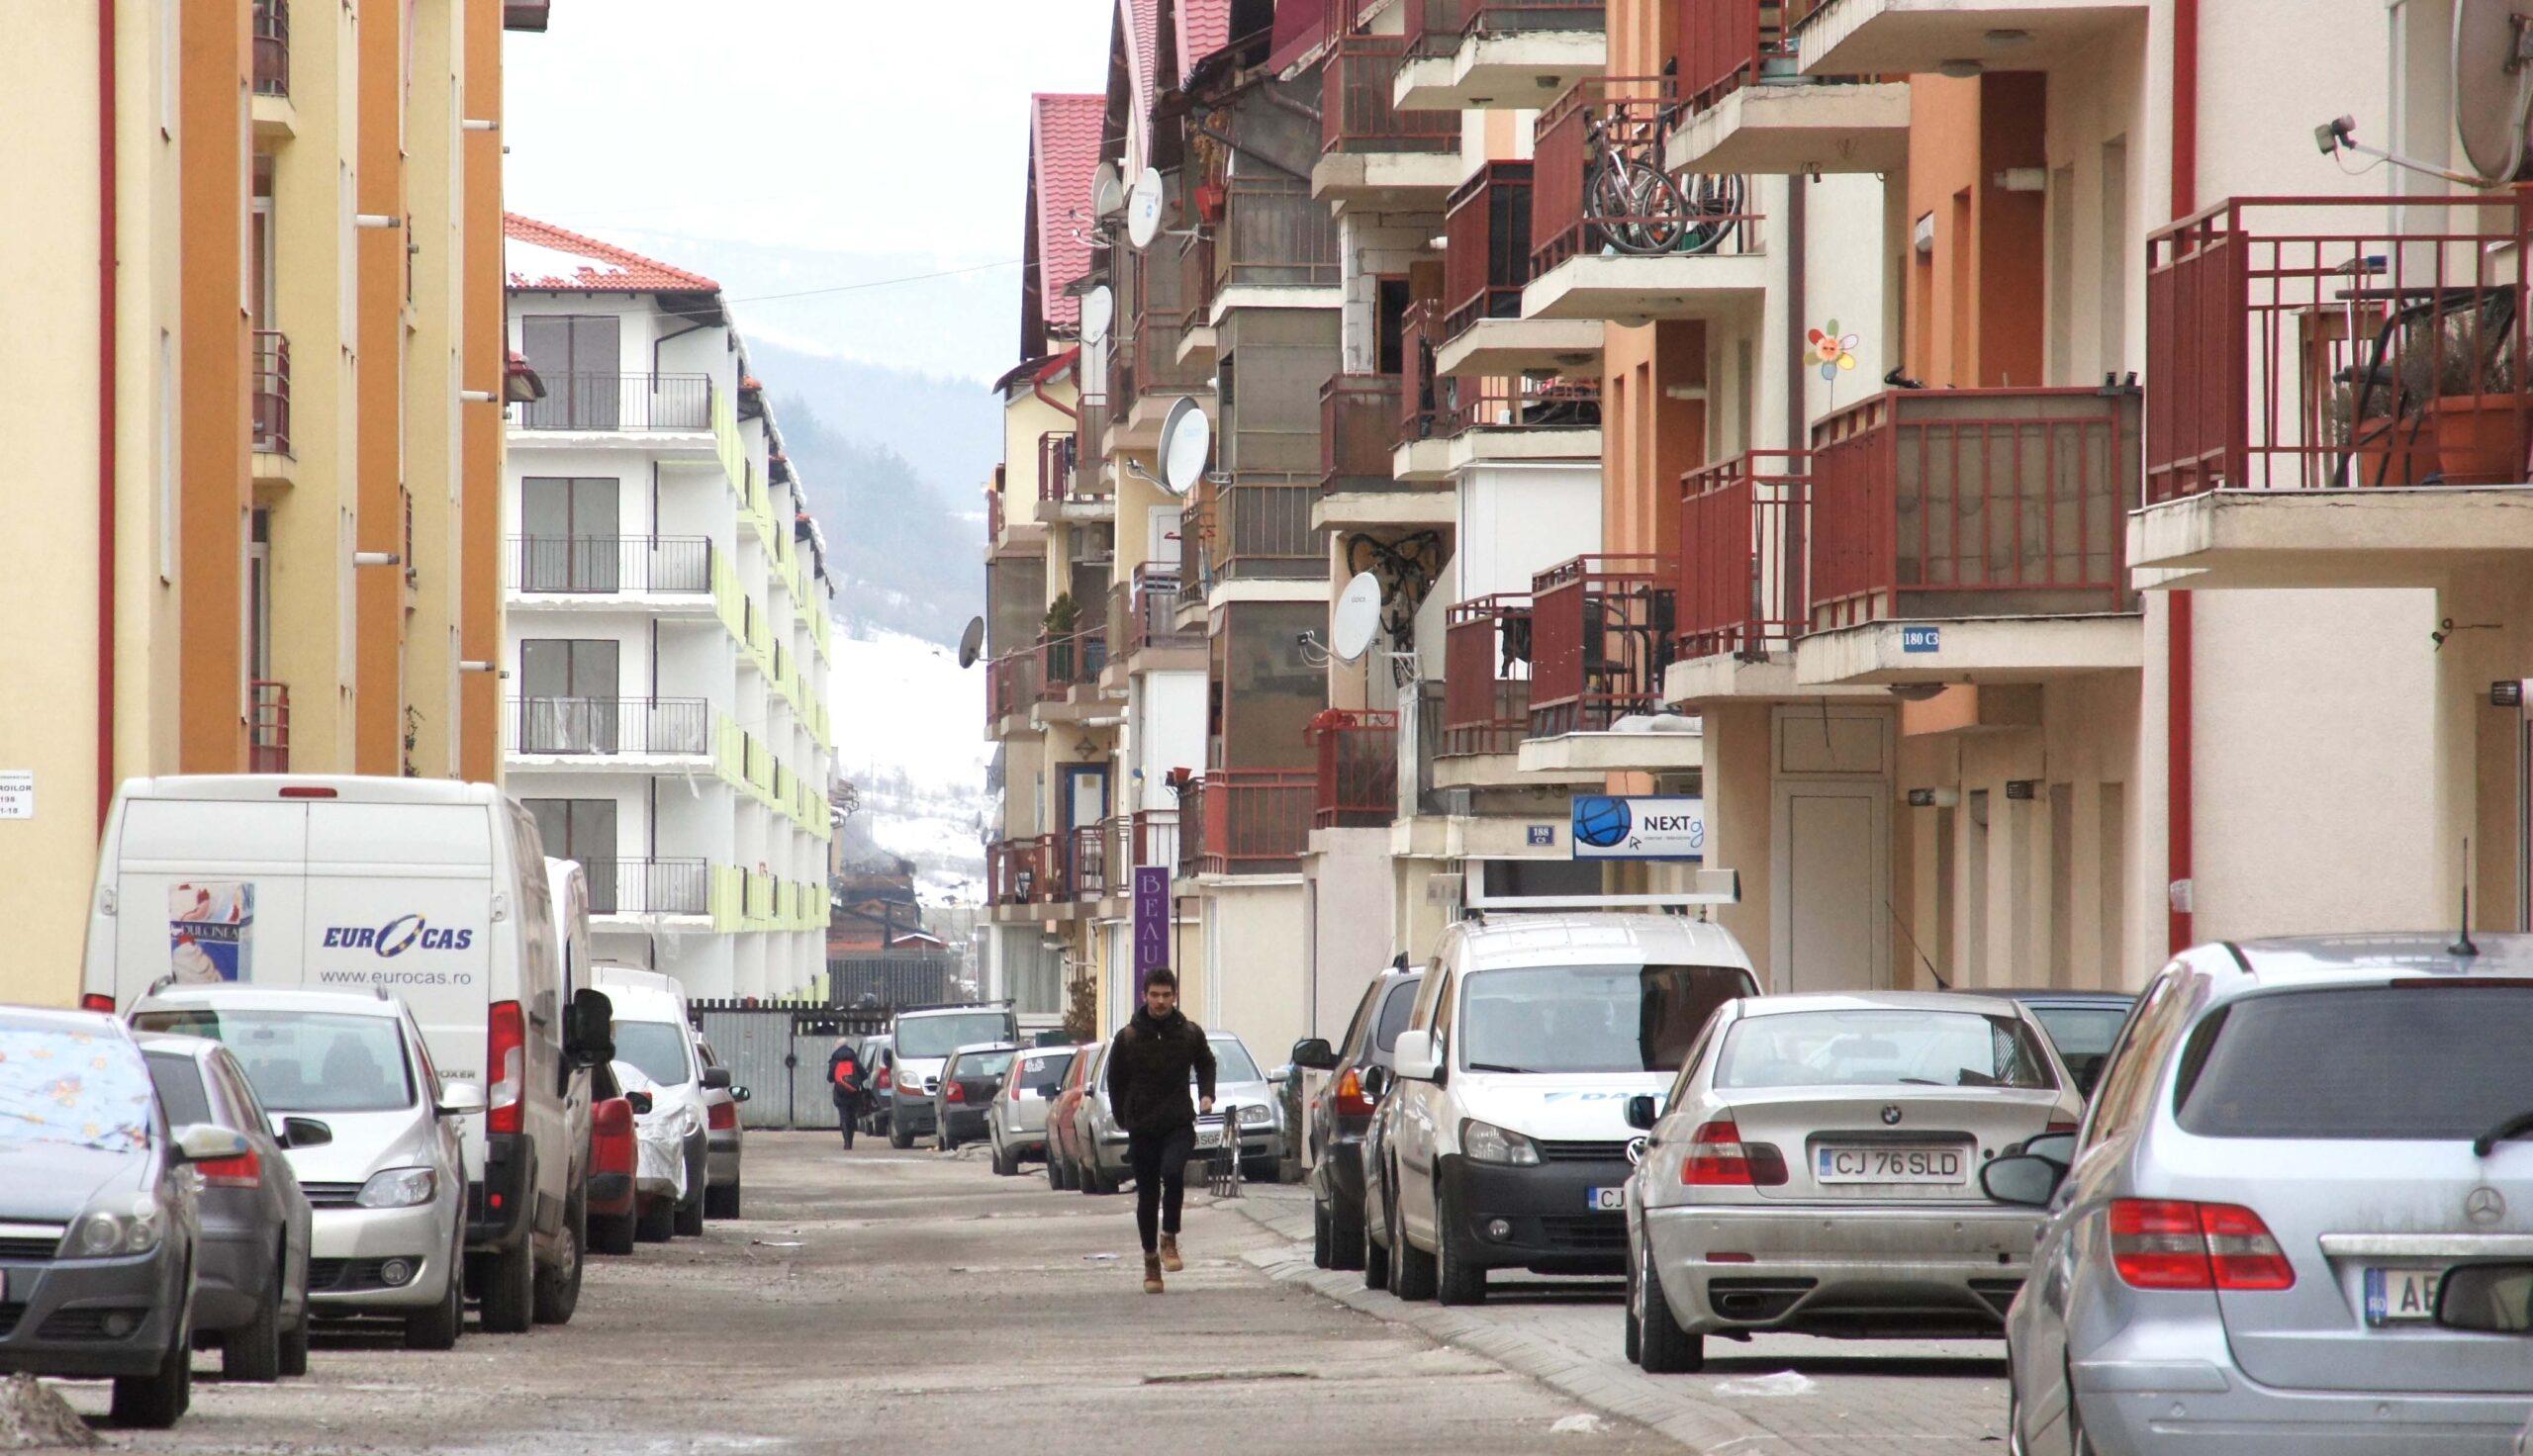 Primarul-facebook Bogdan Pivariu anunță că proiectele comunei Florești pe anul 2021 pot fi votate online